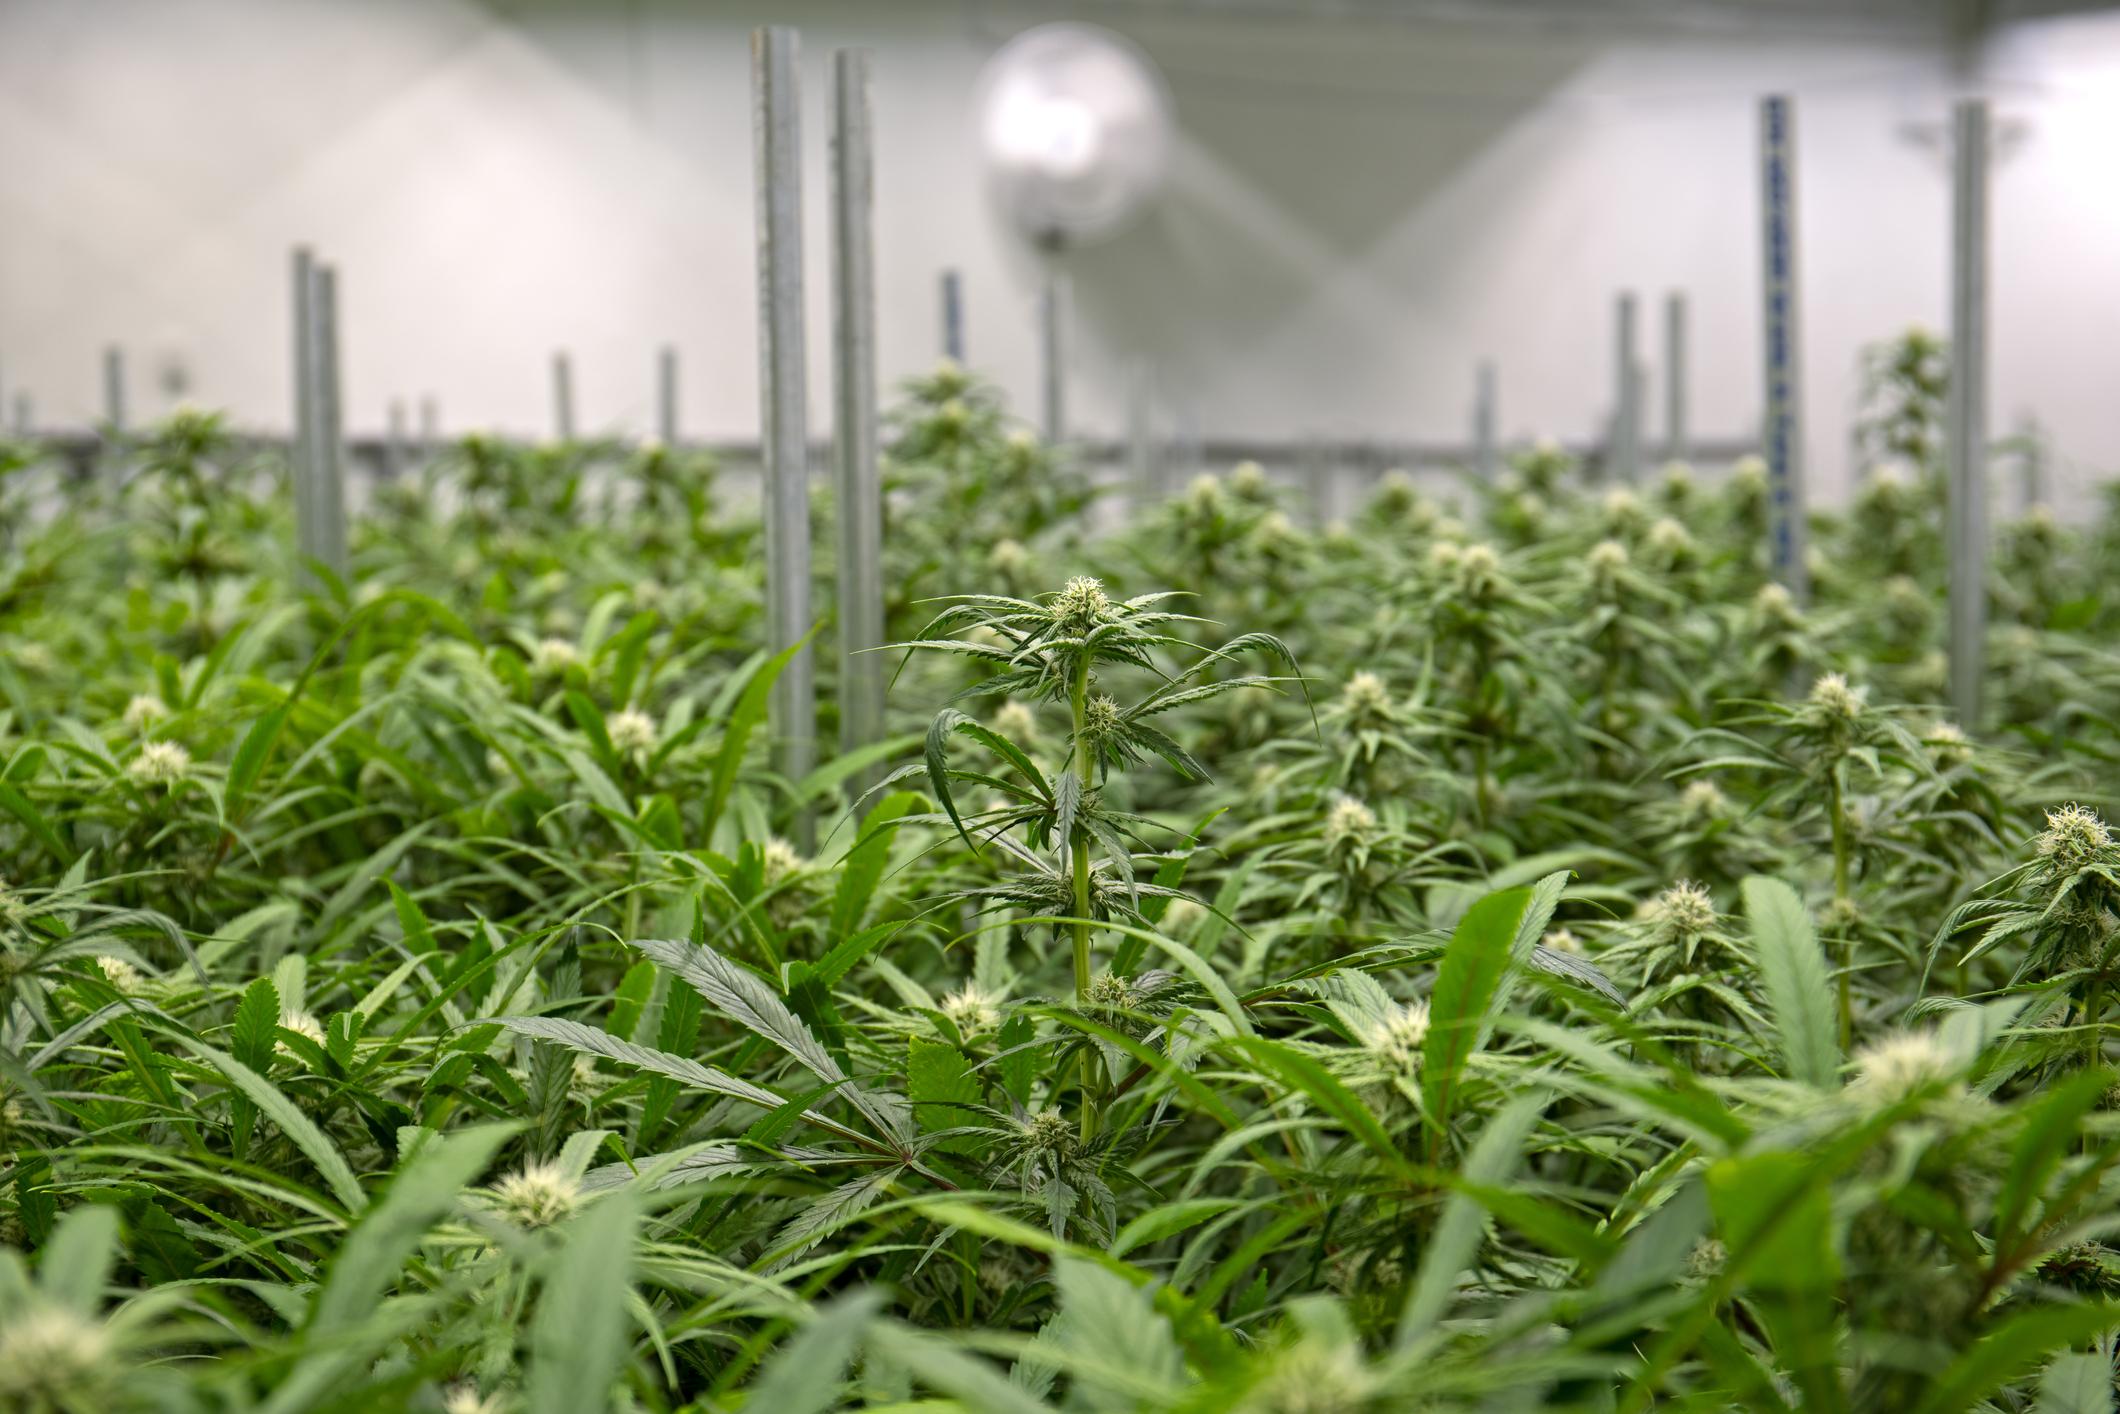 An indoor cannabis grow facility.